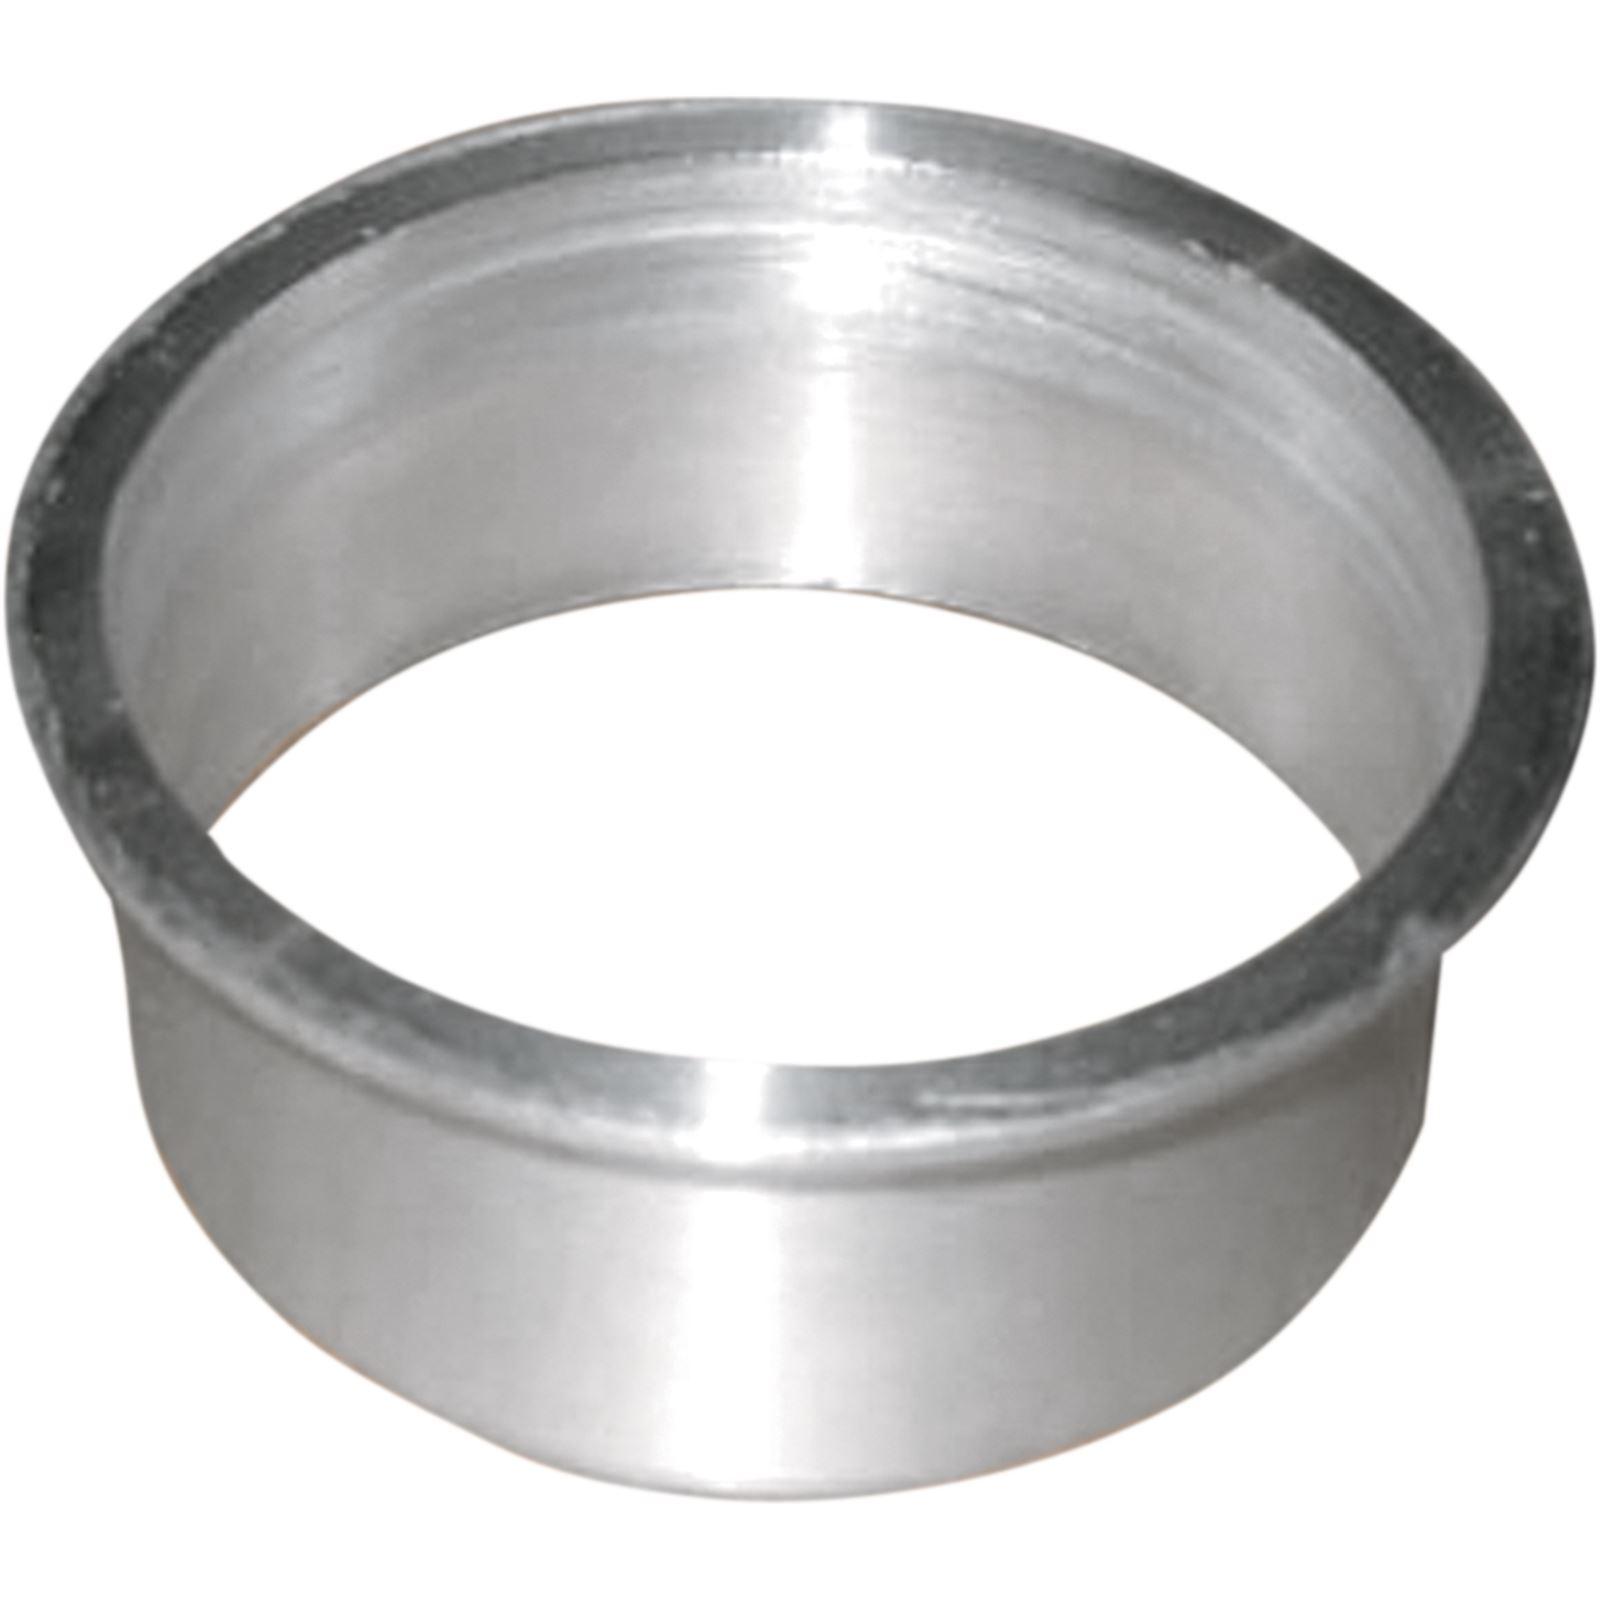 """Straightline Performance Oil Reservoir Sleeve Insert - 1.75"""""""